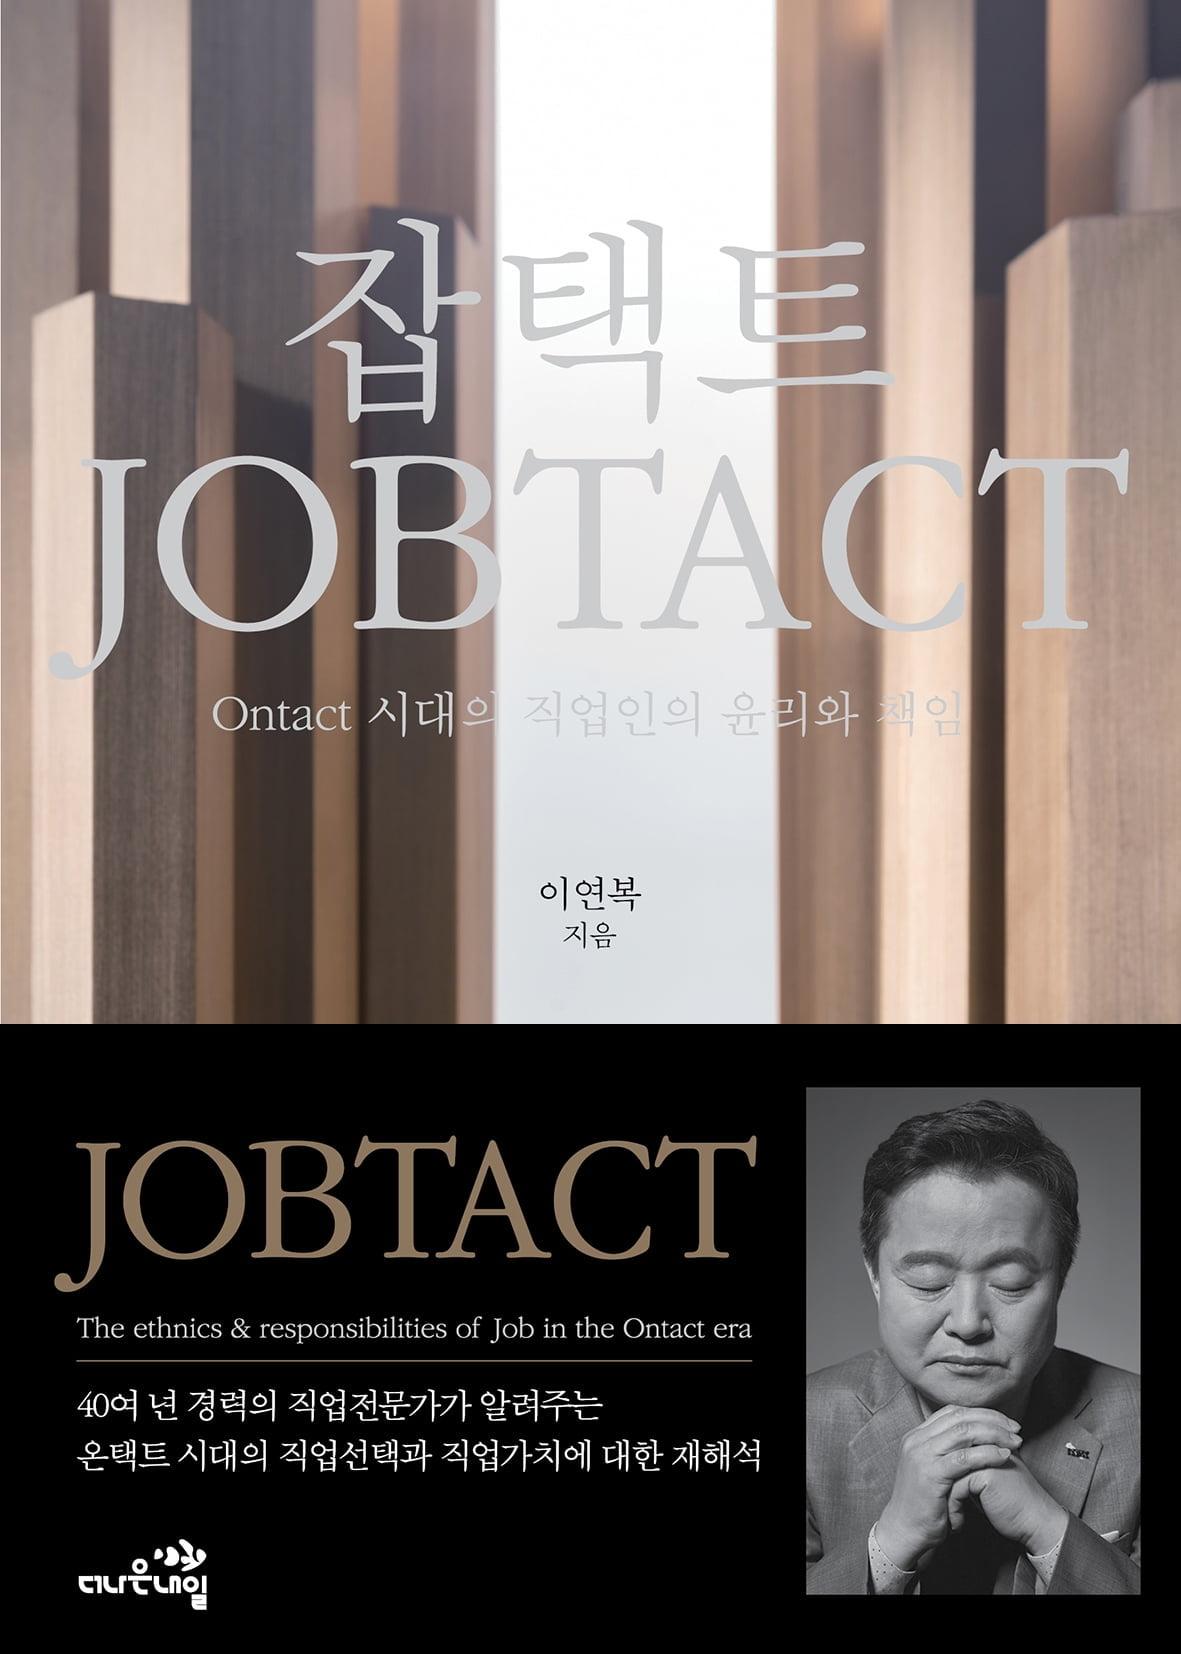 신간<잡택트(JobTact)>.. 온택트 시대에 새로운 직업관을 제시하다